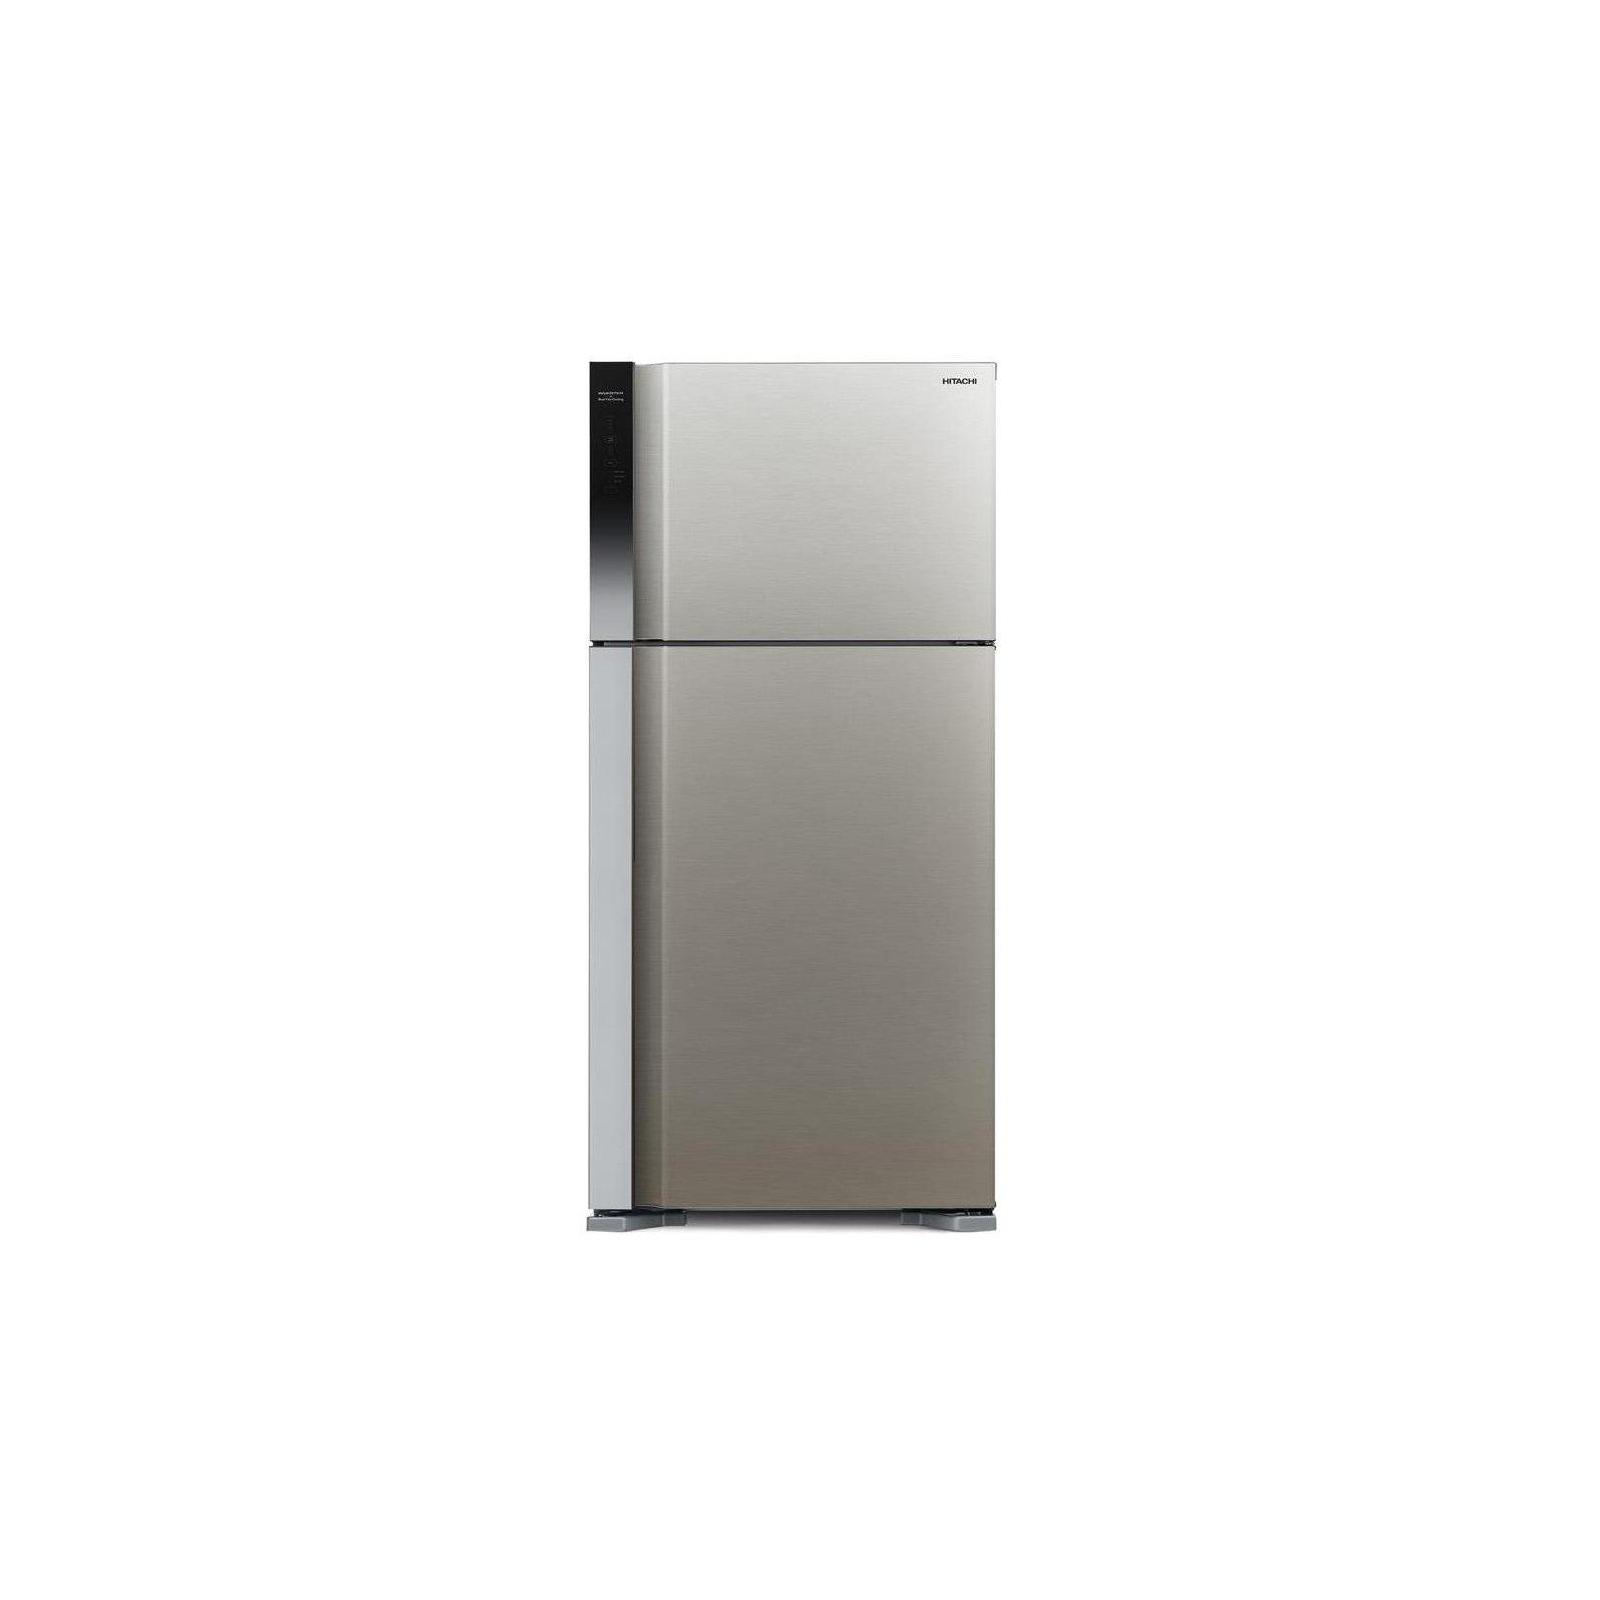 Холодильник Hitachi R-V660PUC7BSL изображение 2